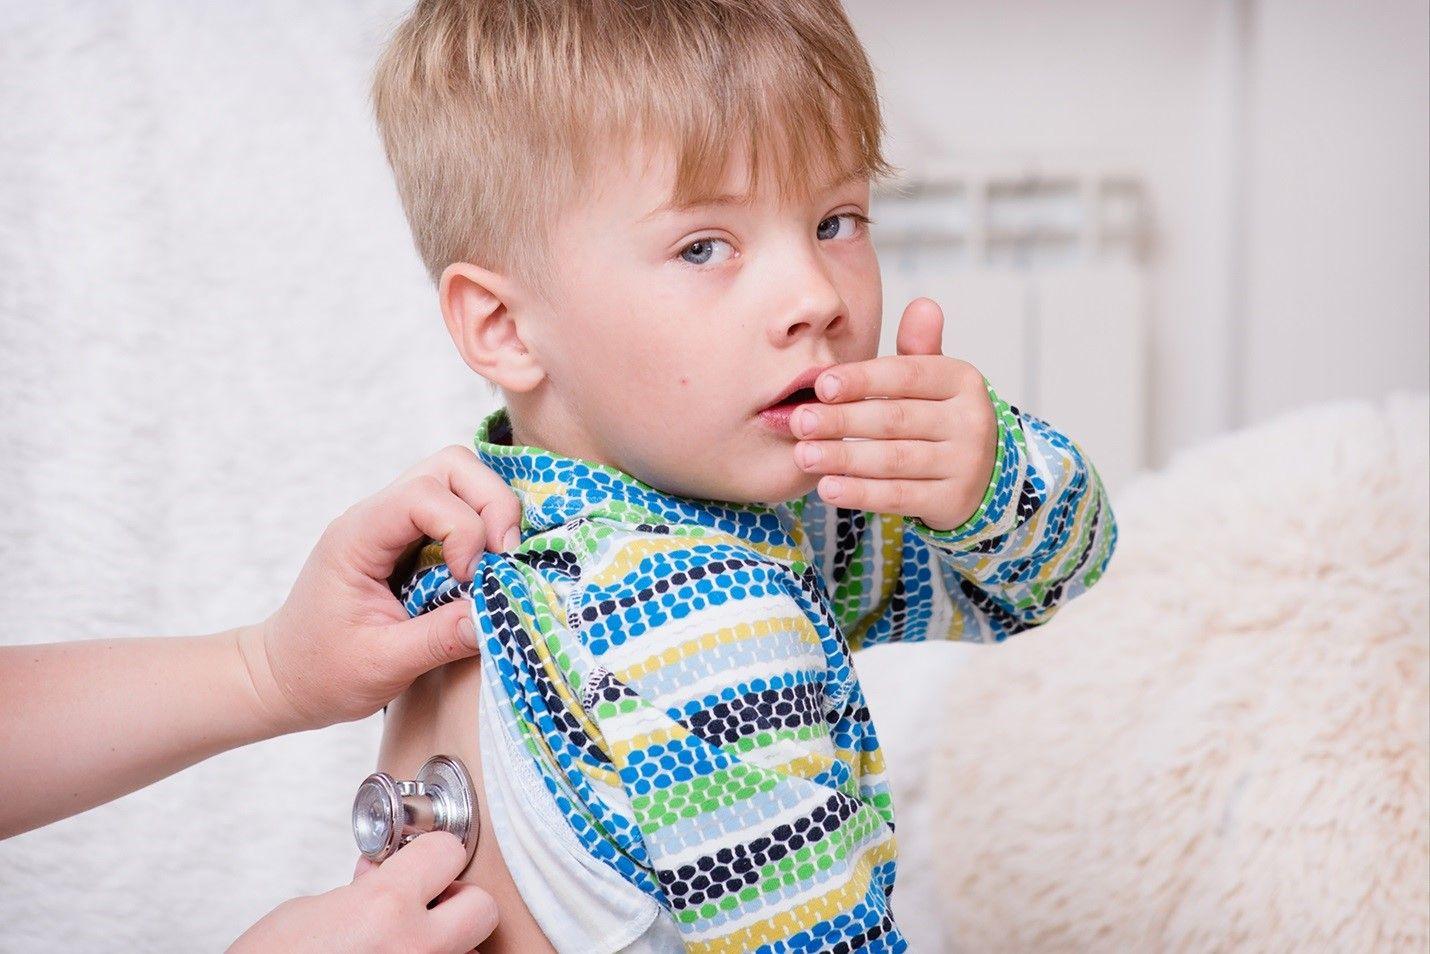 Сухой кашель, осиплость голоса и температура – типичные составляющие ларингита.